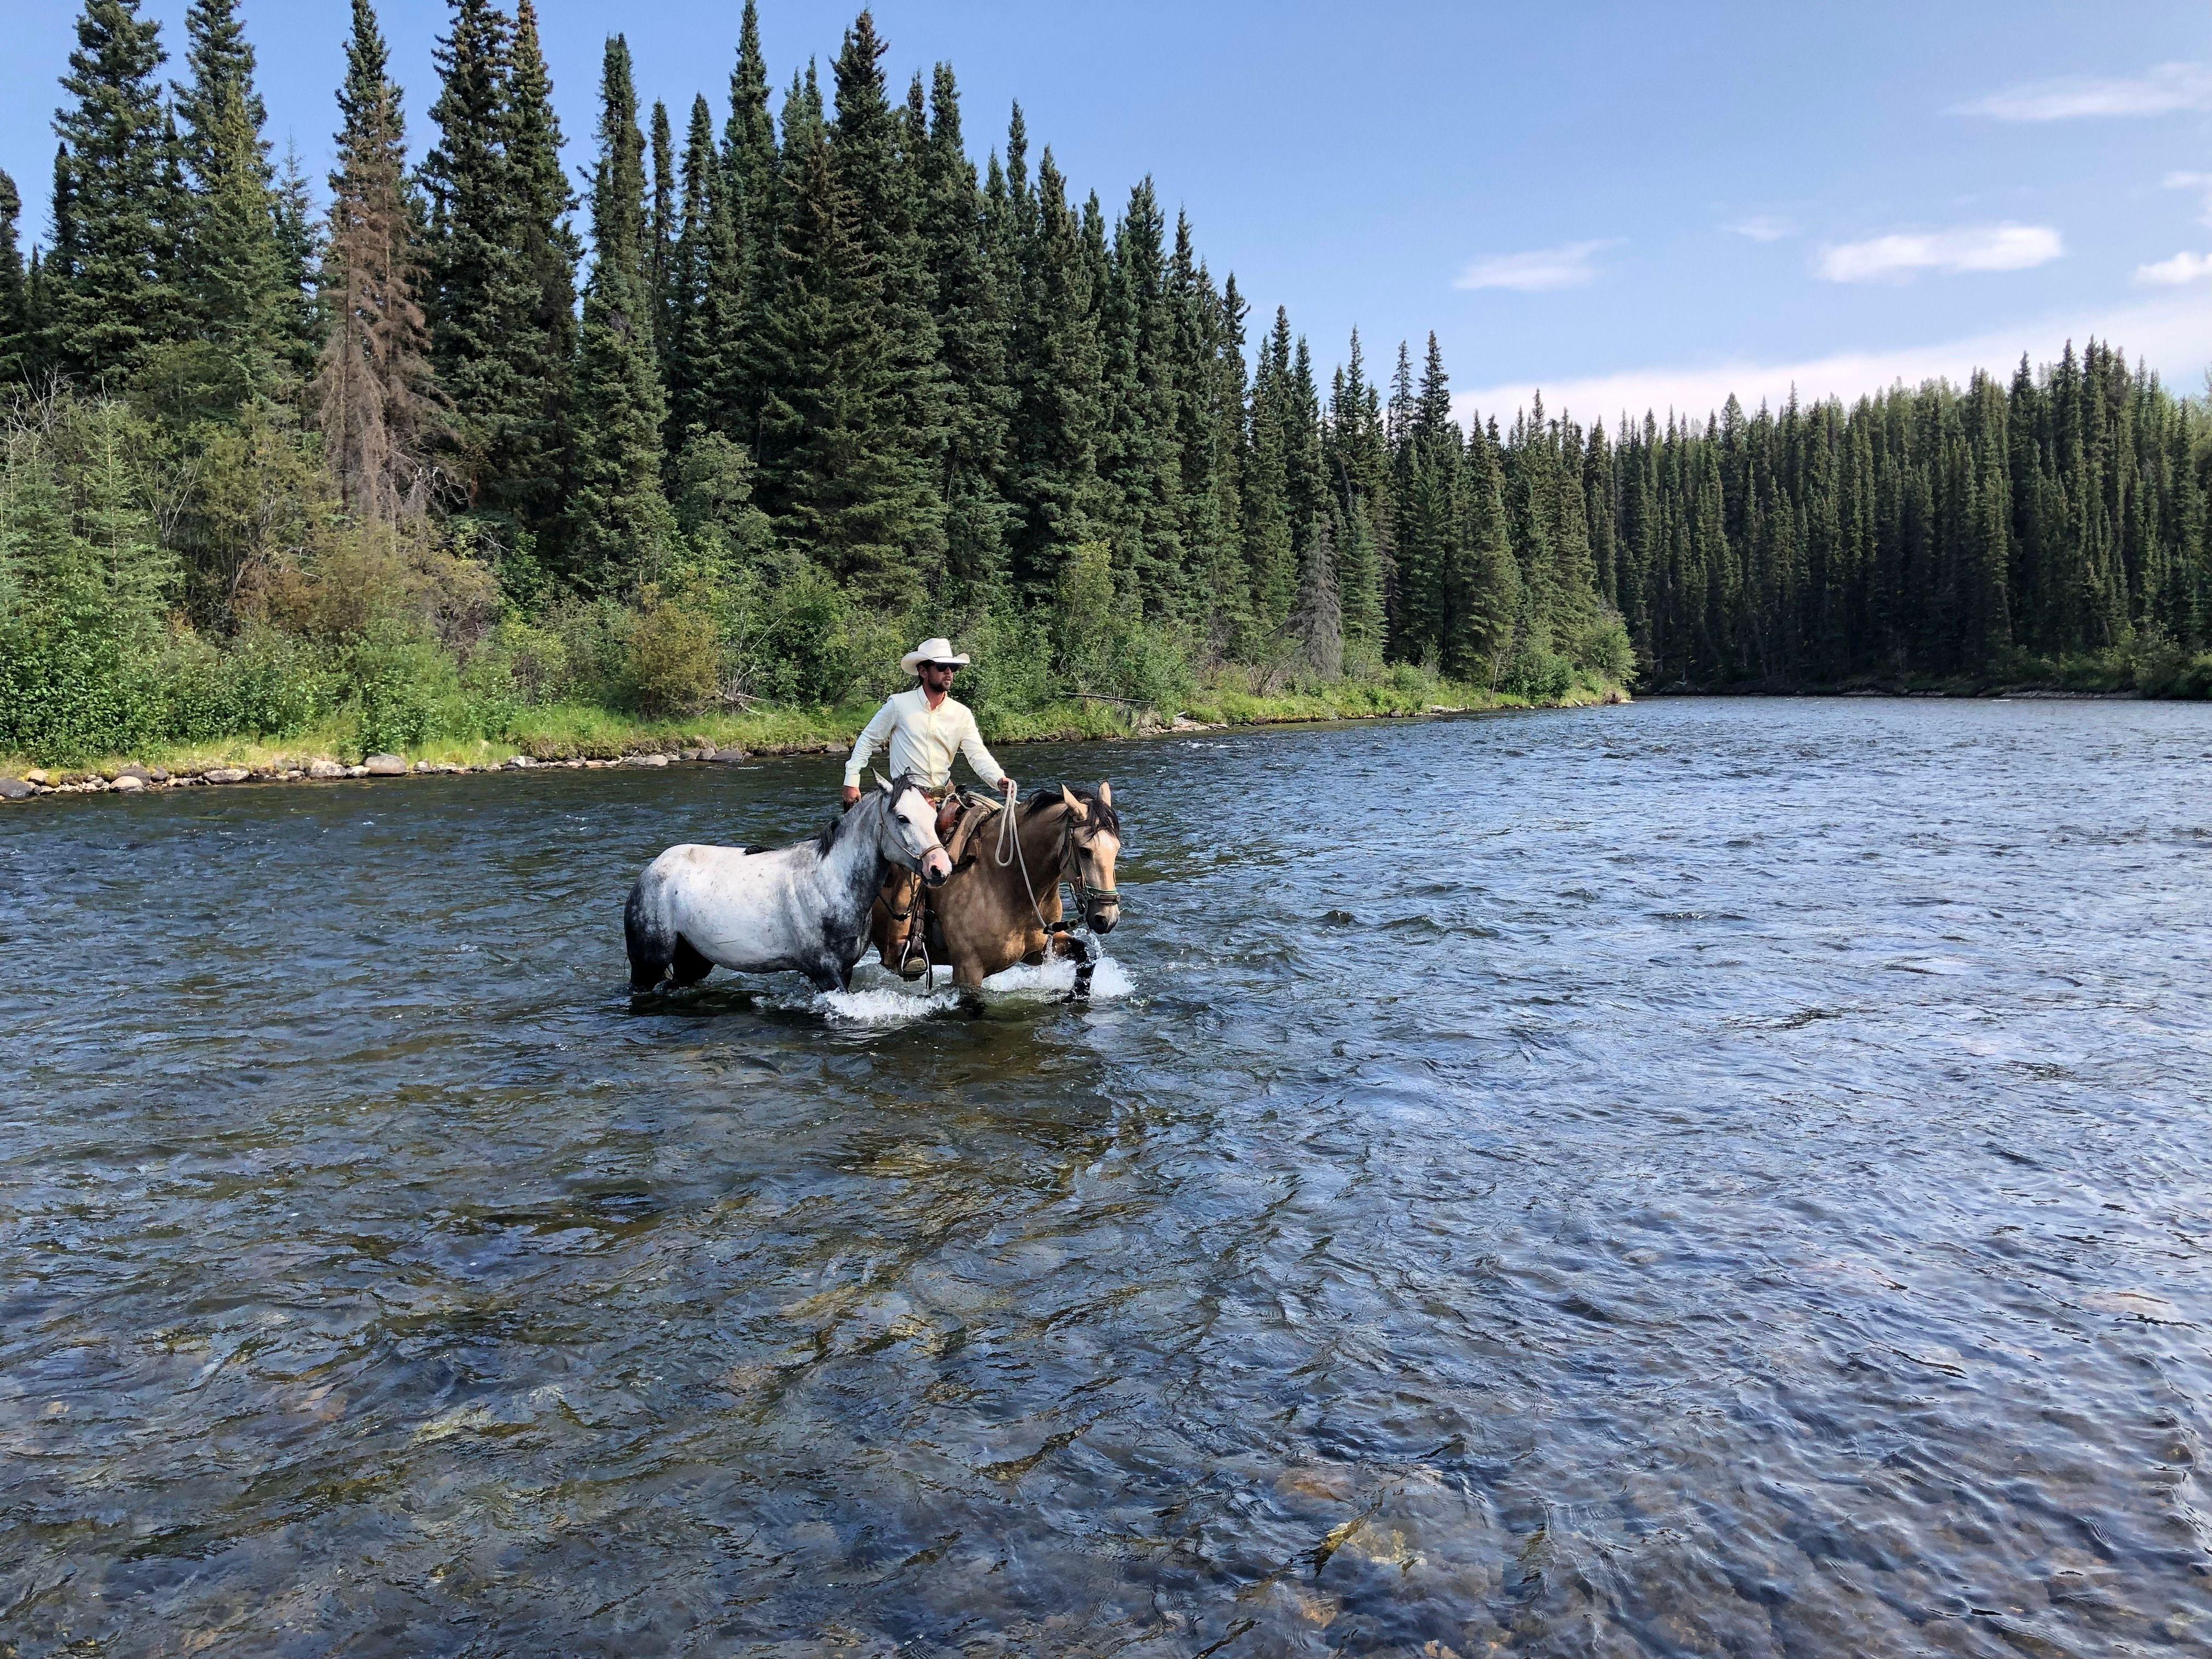 Aqui ele cruza um rio no território Yukon, no Canadá, um dos lugares mais marcantes de toda viagem